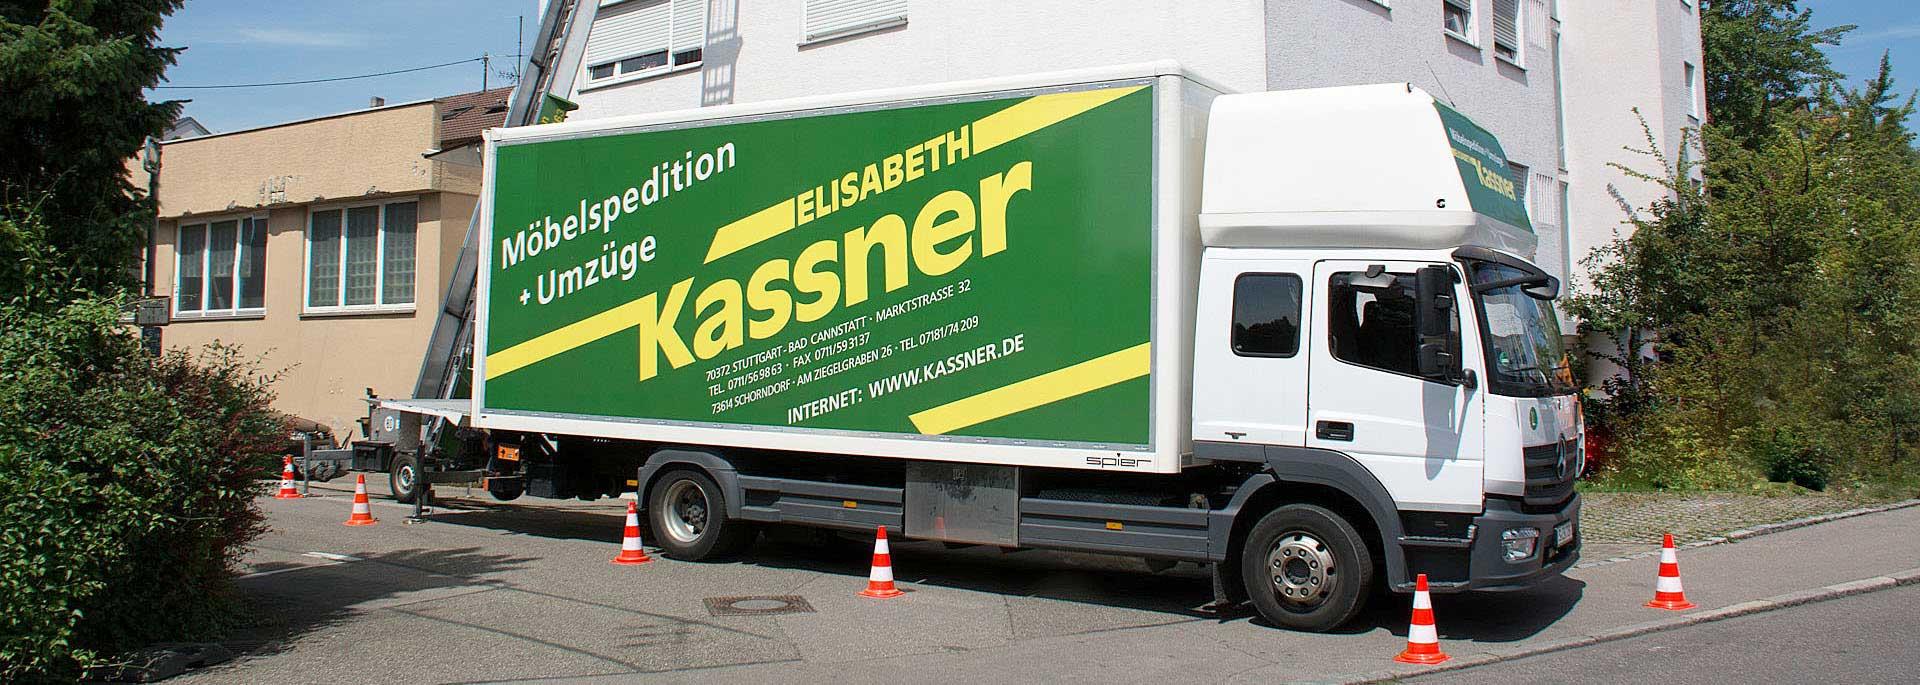 Moebelspedition-Kassner-Fellbach-Stuttgart-Header-1